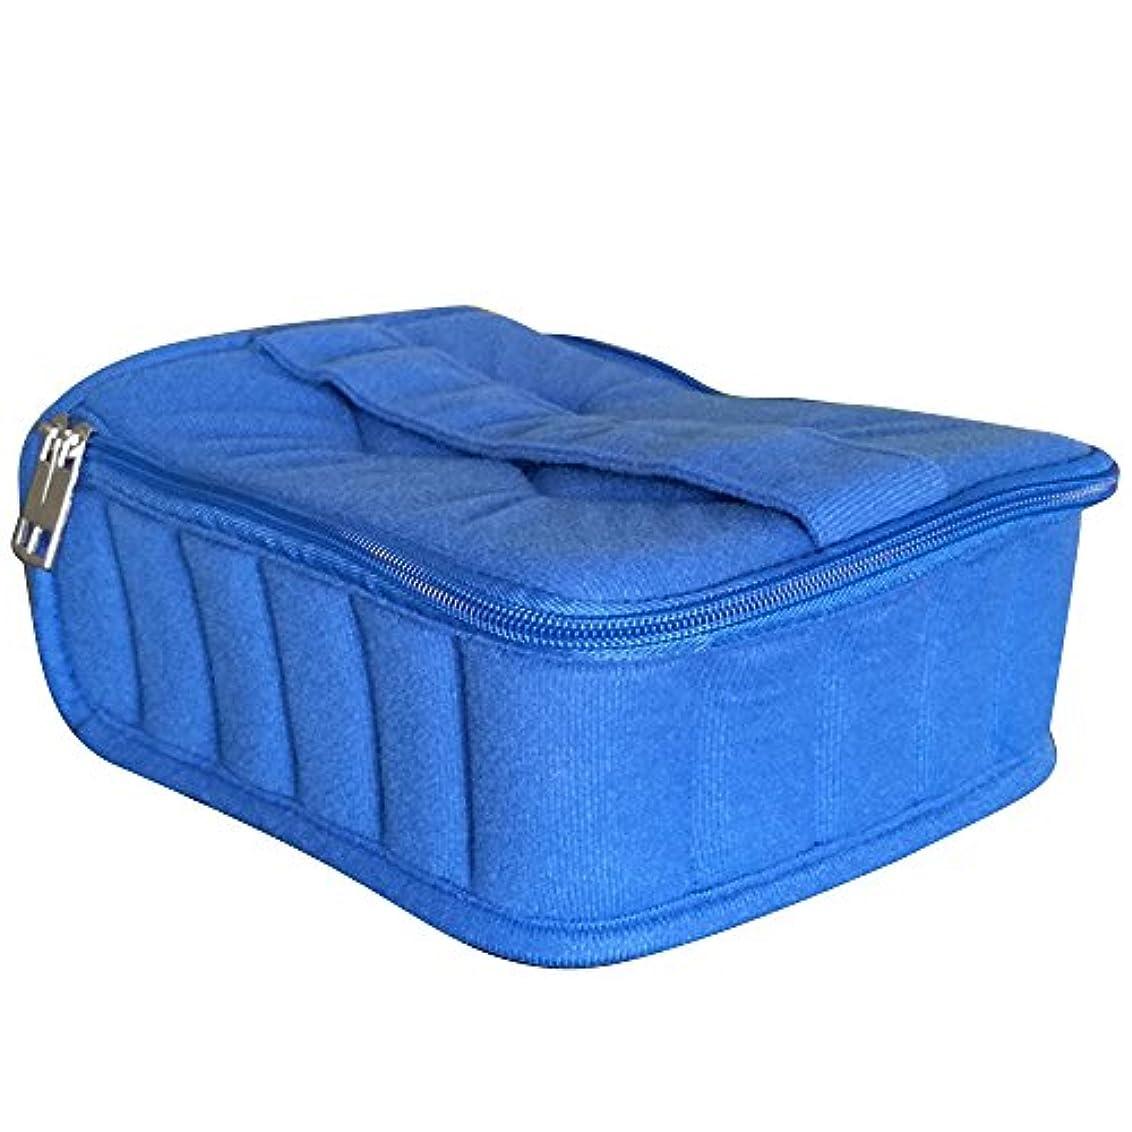 ハグ処理パネルゴシレ Gosear 30 格子 ポータブル ショック抵抗力 本質 ストレージ 旅行 運ぶ ケース ホルダー バッグ ため 5 ml 10 ml 15 ml ボトル 青色